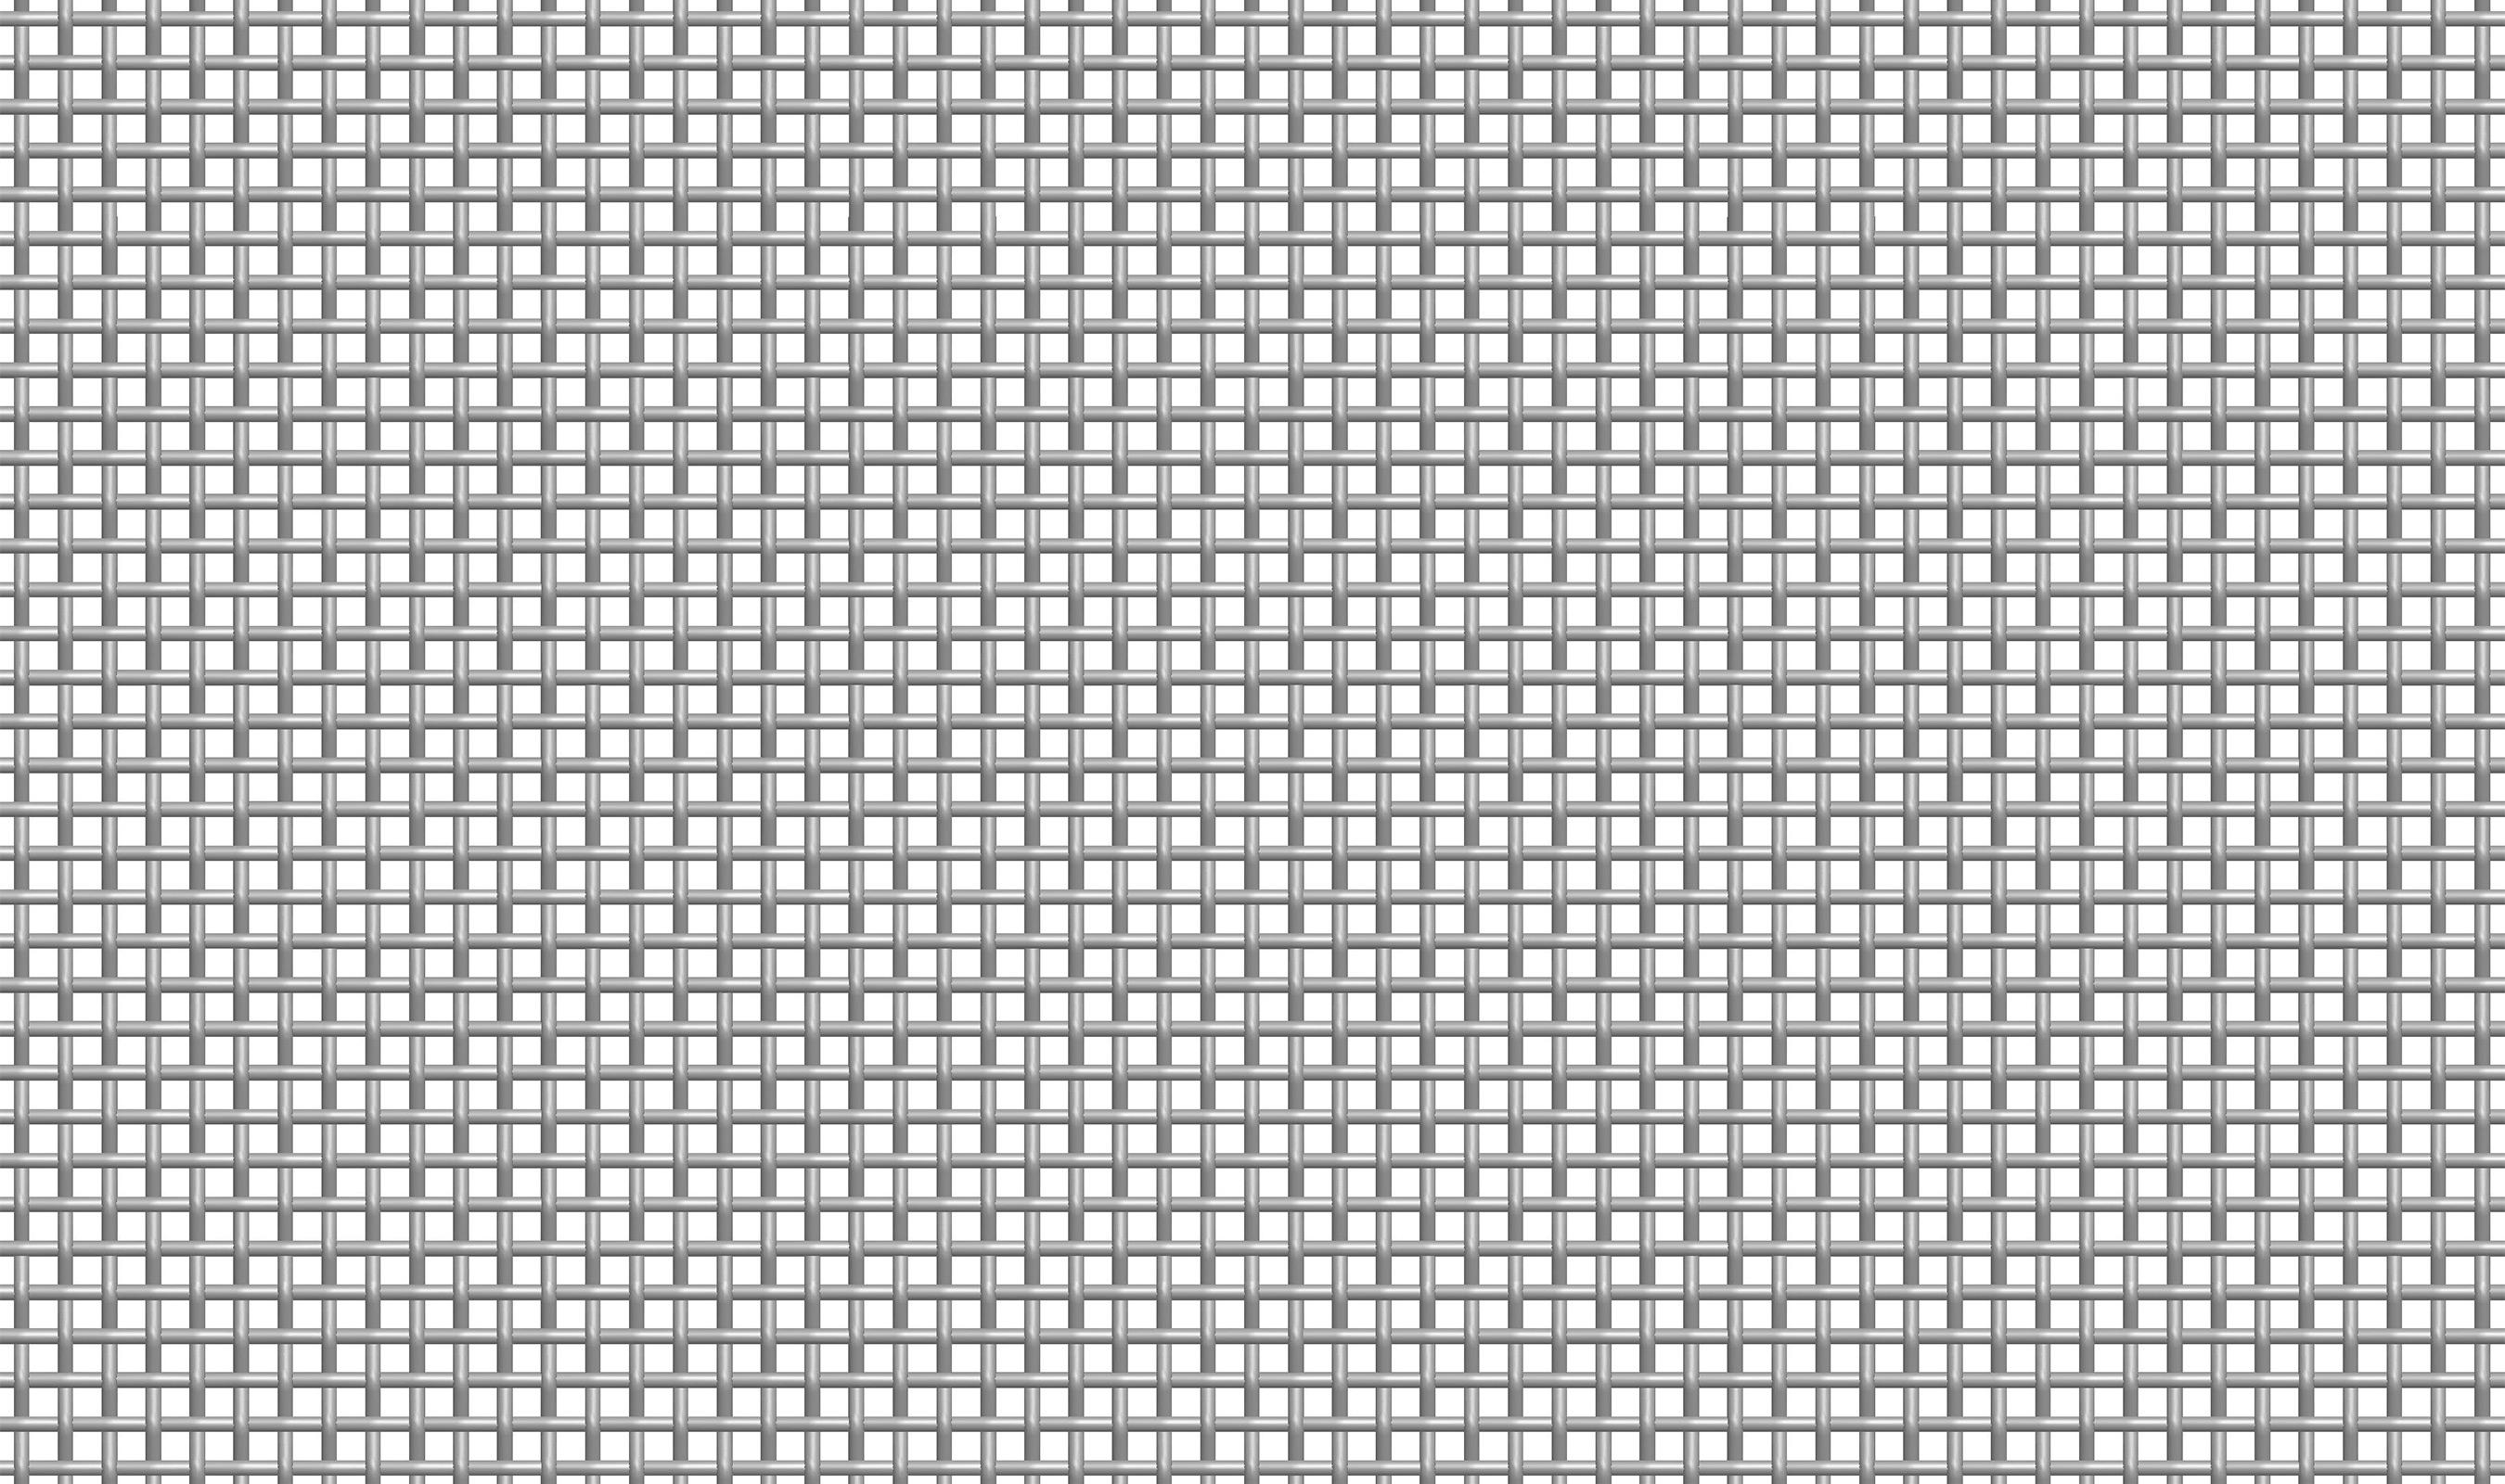 (P-137) 4-3/4 MESH .072 Plain Crimp Woven Wire Mesh